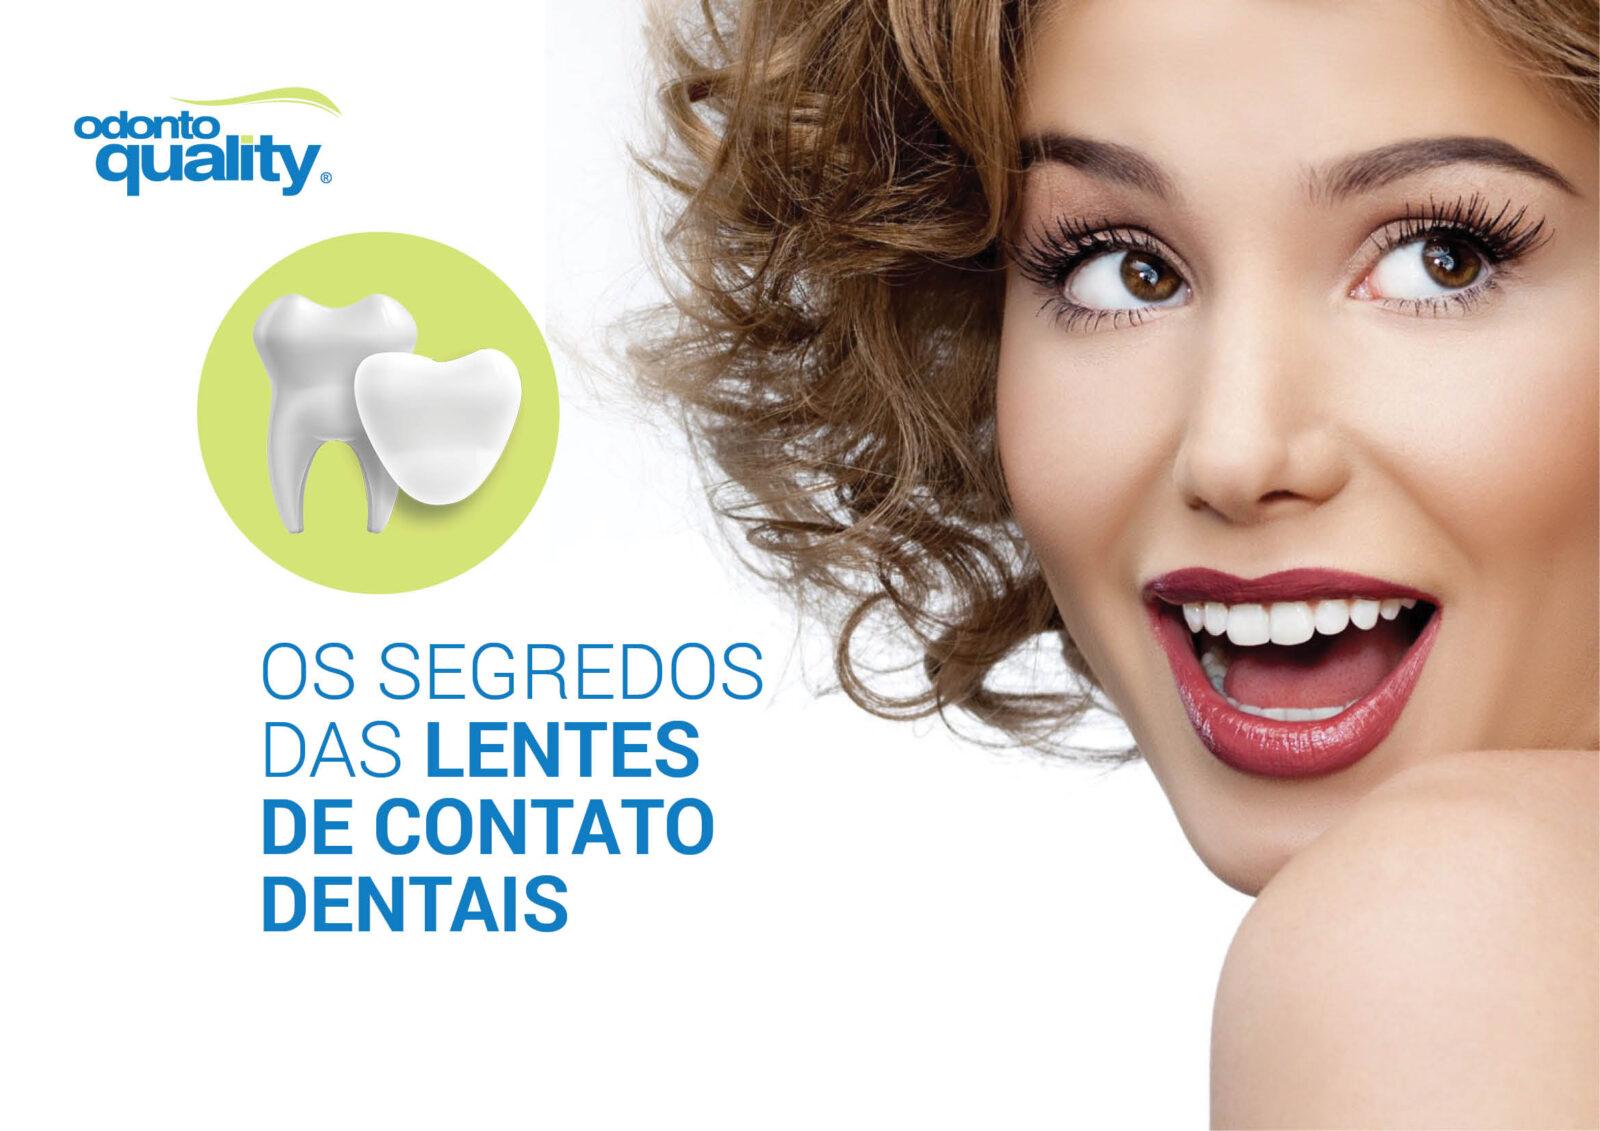 Os Segredos das Lentes de Contato Dentais